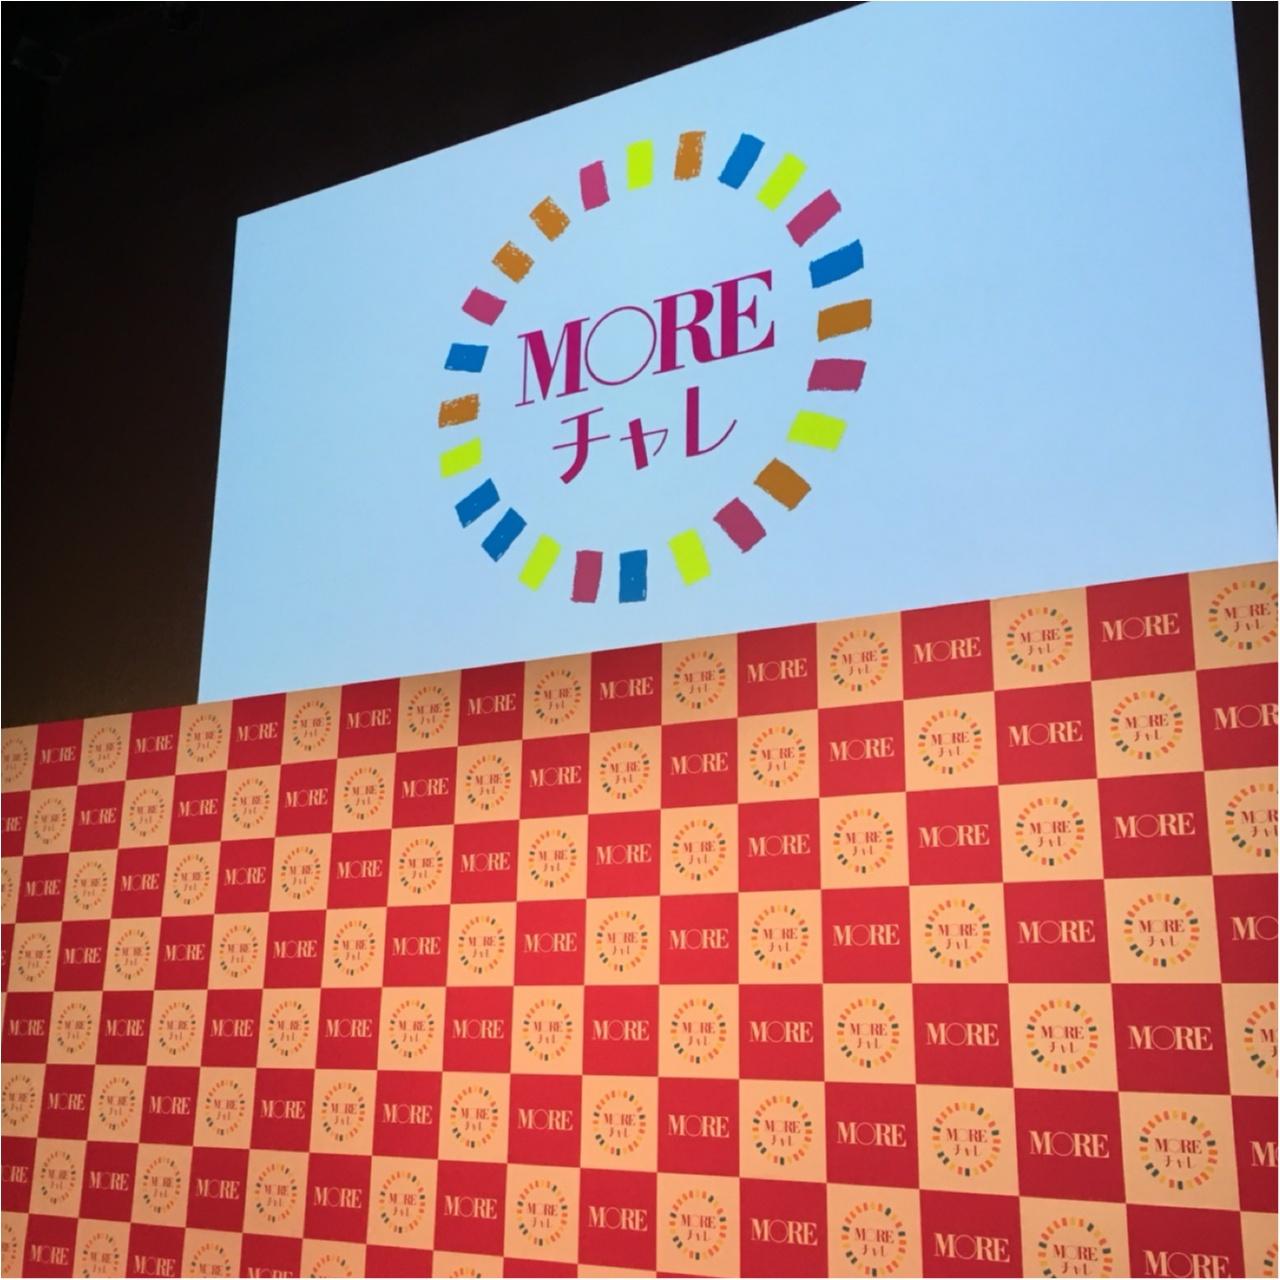 なりたい私になろう!MORE創刊40周年記念『モアチャレ』報告会イベントへ行ってきました♡_1